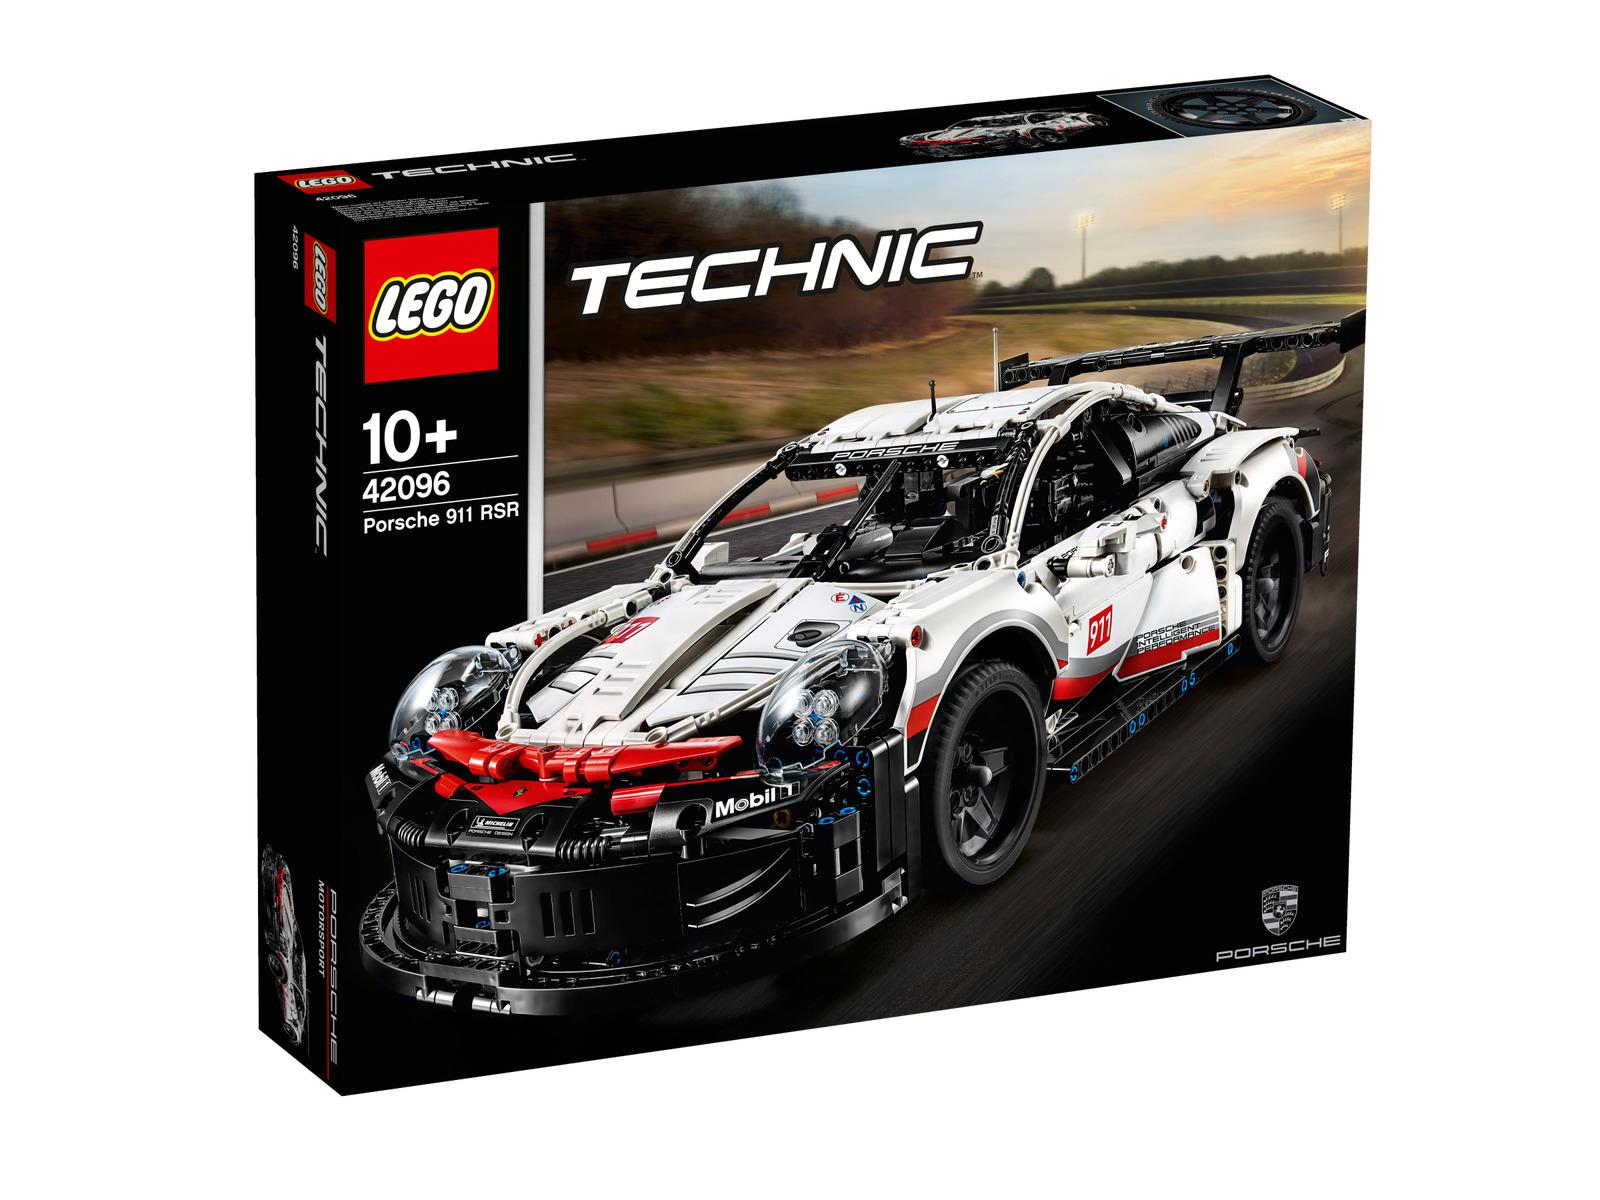 Lego Technic Porsche 911 rsr 42096 coche auto de carreras coche vehículo